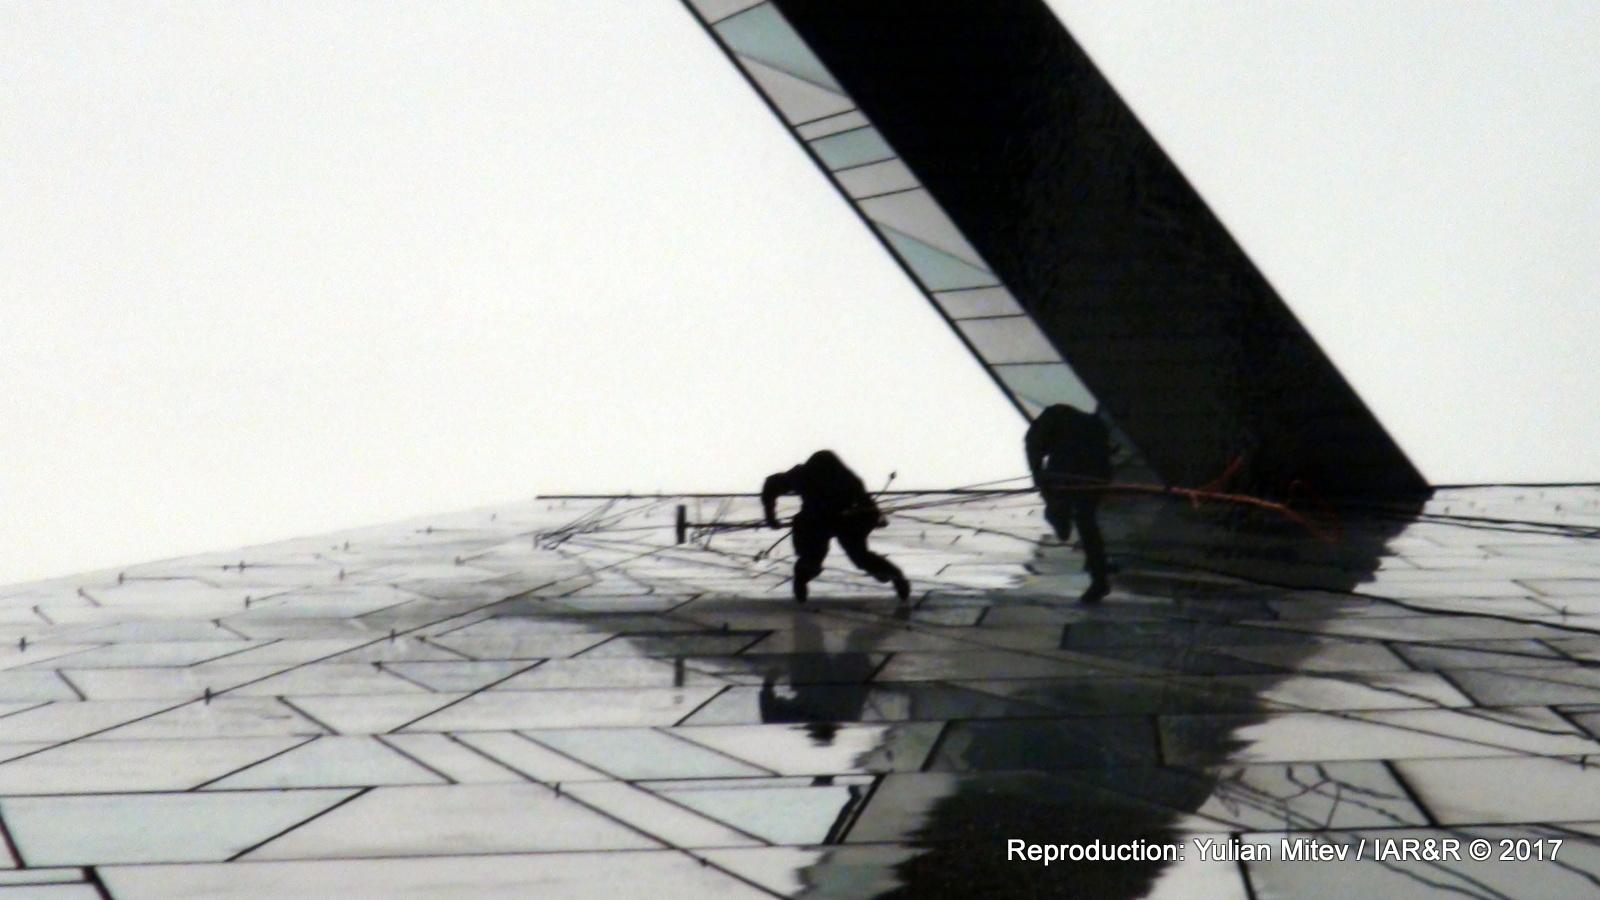 ПЛАМЕН ЯНКОВ, Без заглавие 1 (фрагмент), серия Тhe Hockey Game, Дибонд кристал, пигментен печат, 100 х 66 см, 2017